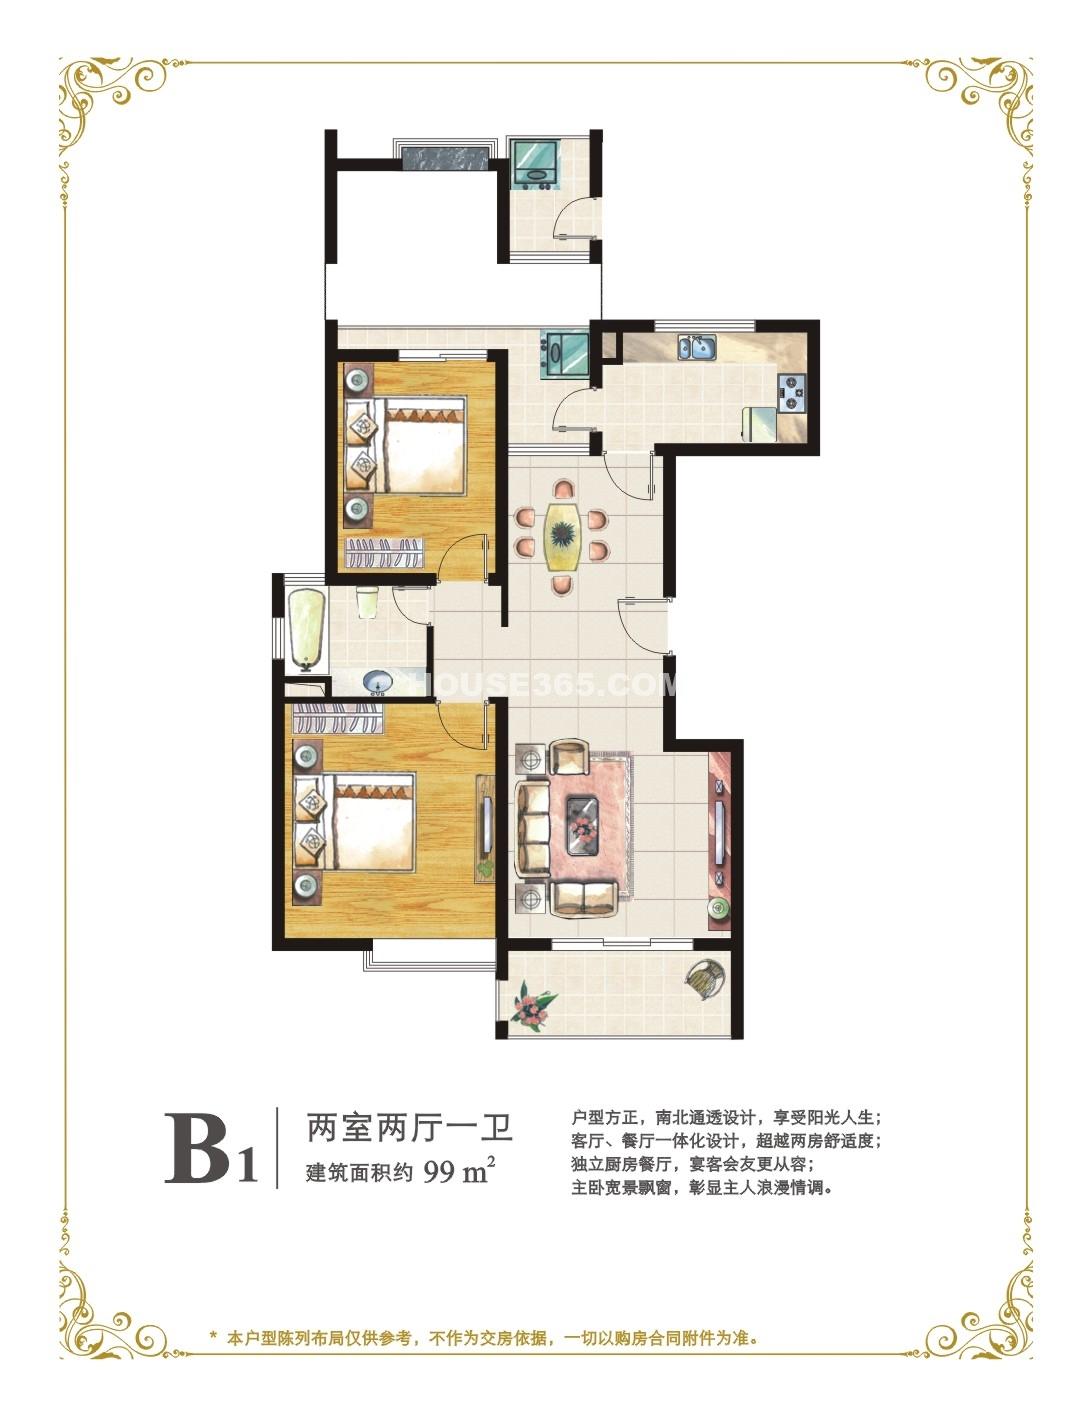 B1户型 99㎡ 2室2厅1卫